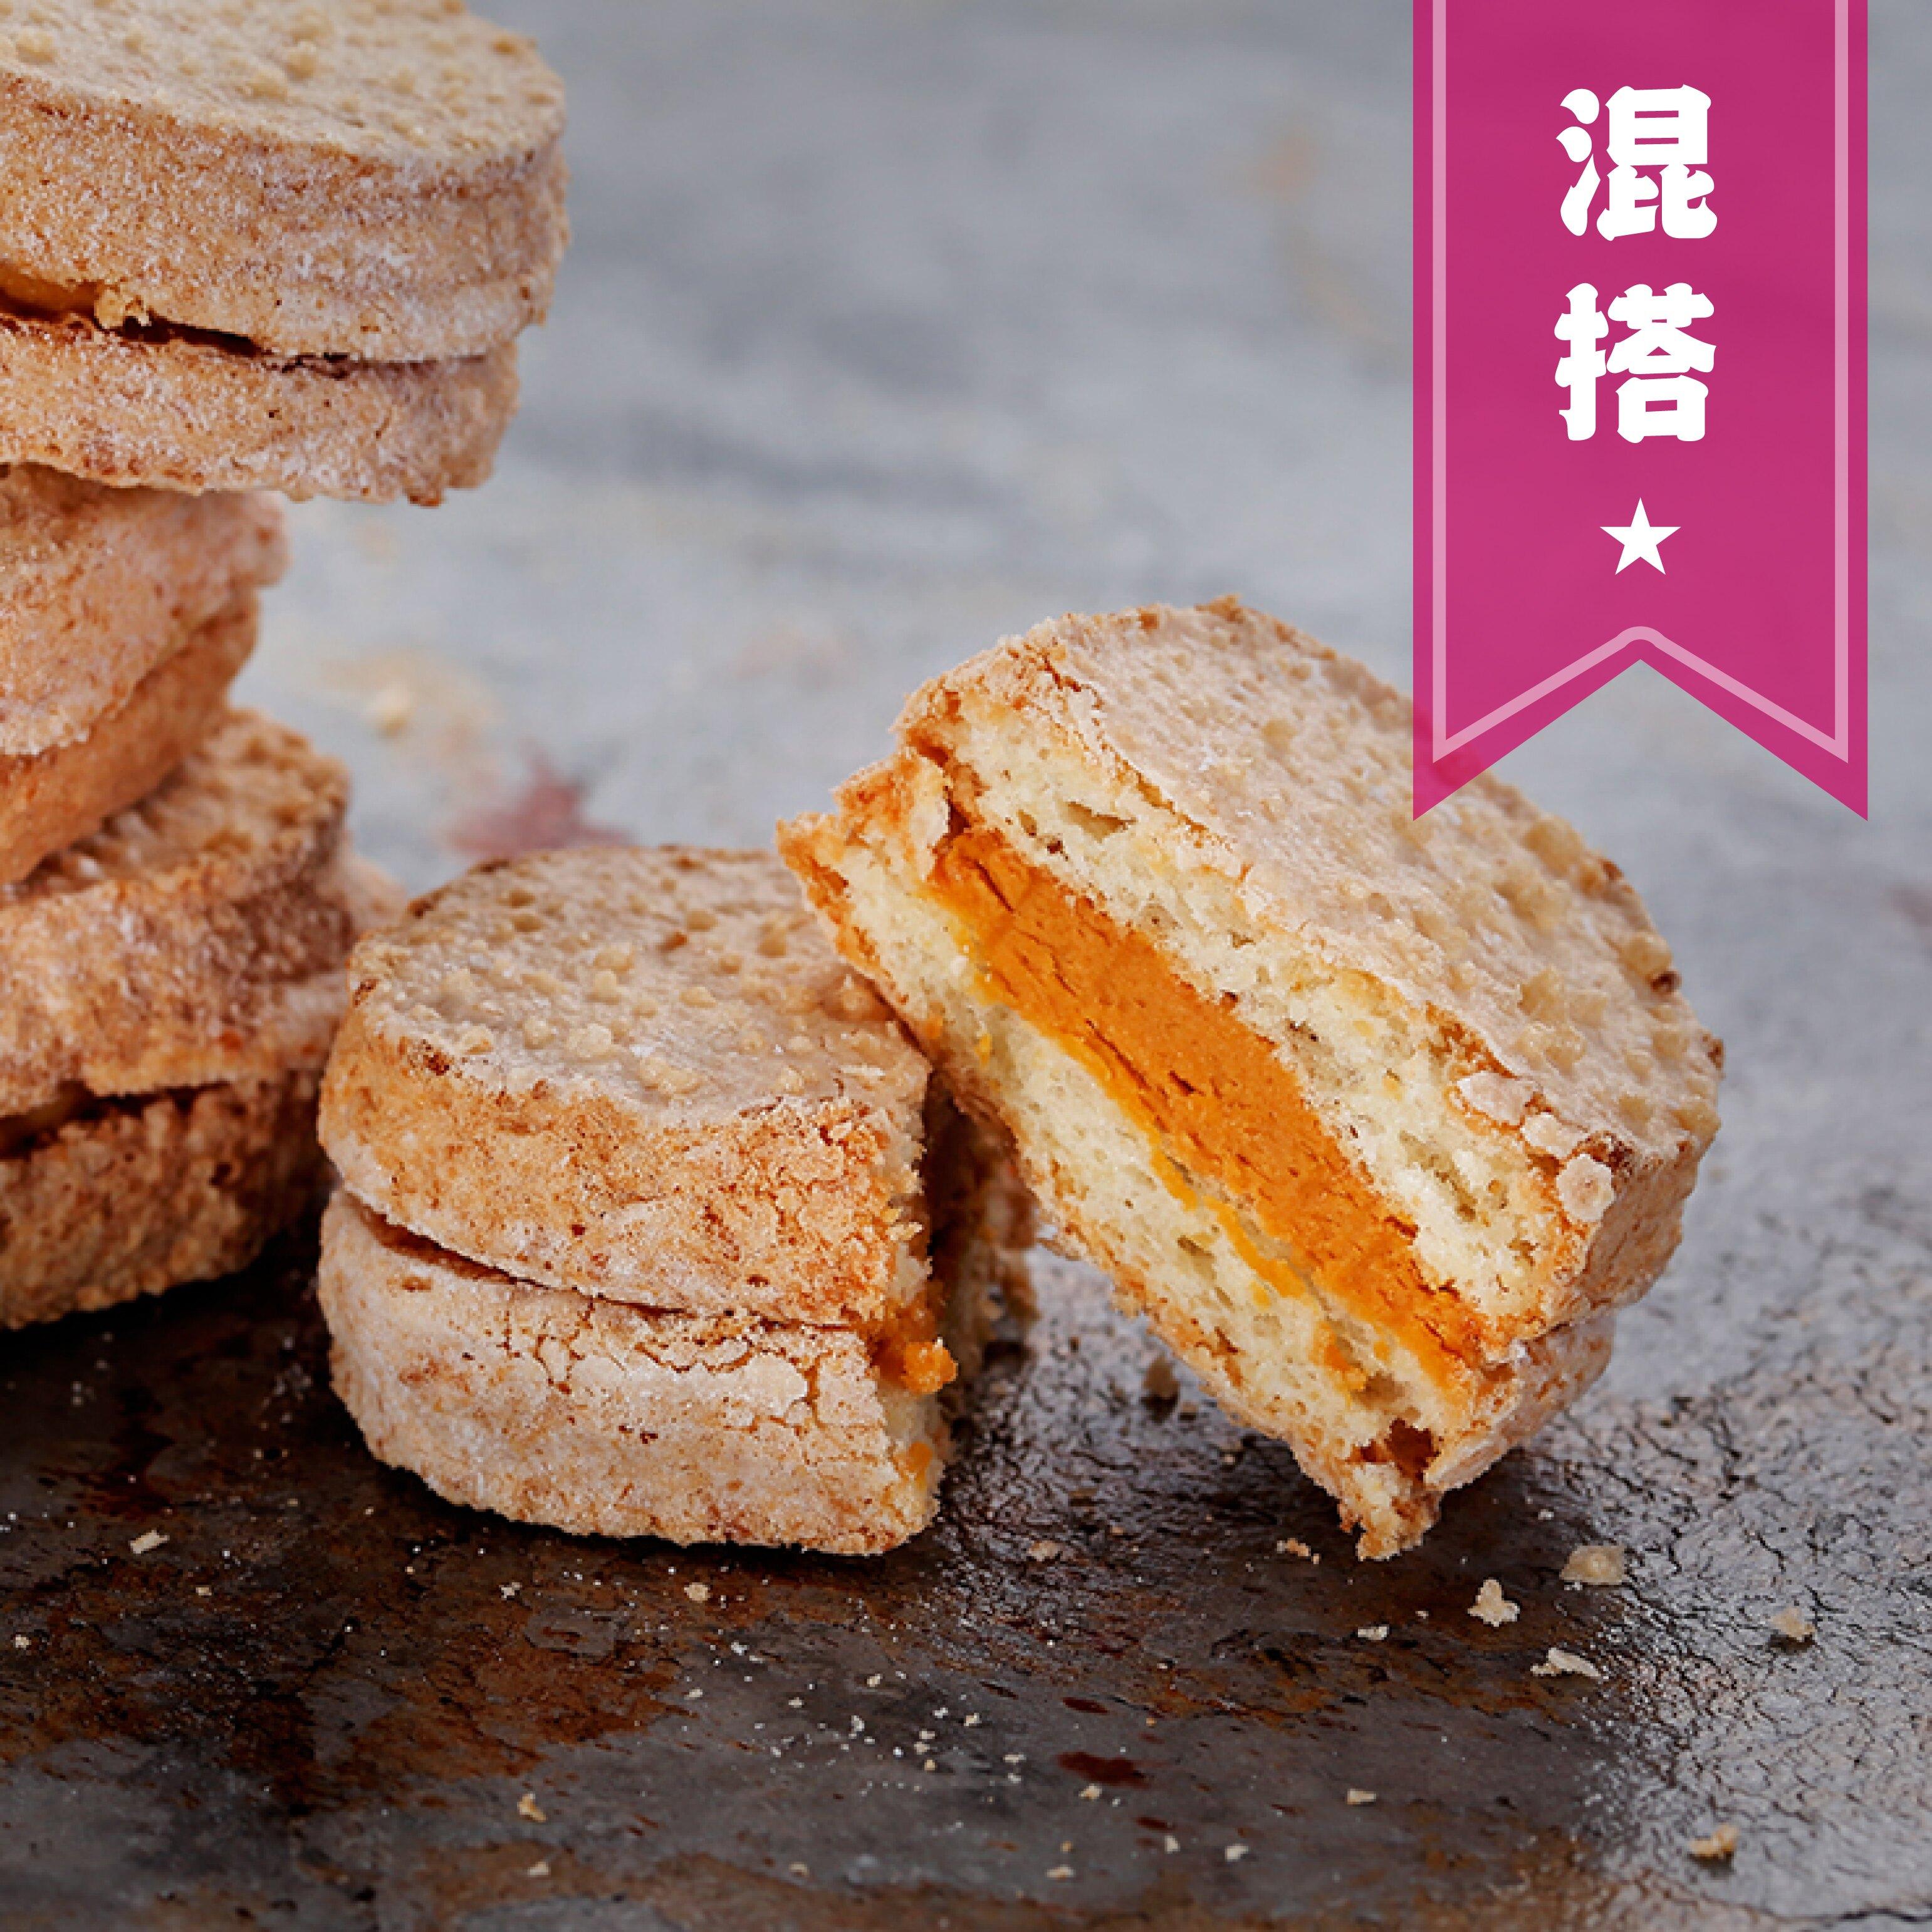 【安普蕾修Sweets】達克瓦茲 混搭組 (10入/盒) |燒菓子系列|法式手工甜點|團購甜點下午茶|